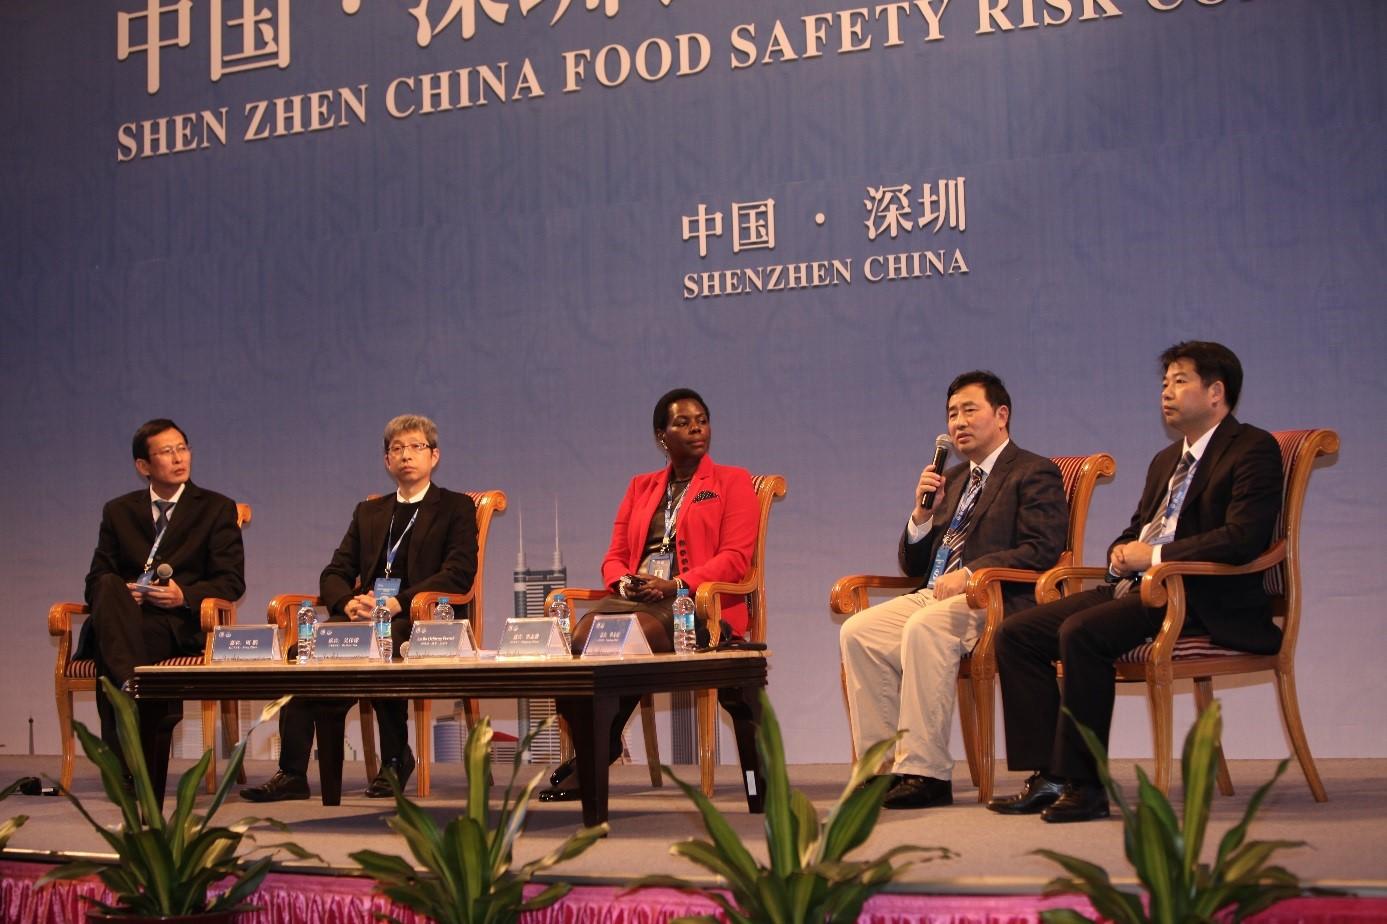 Shenzhen risk communication